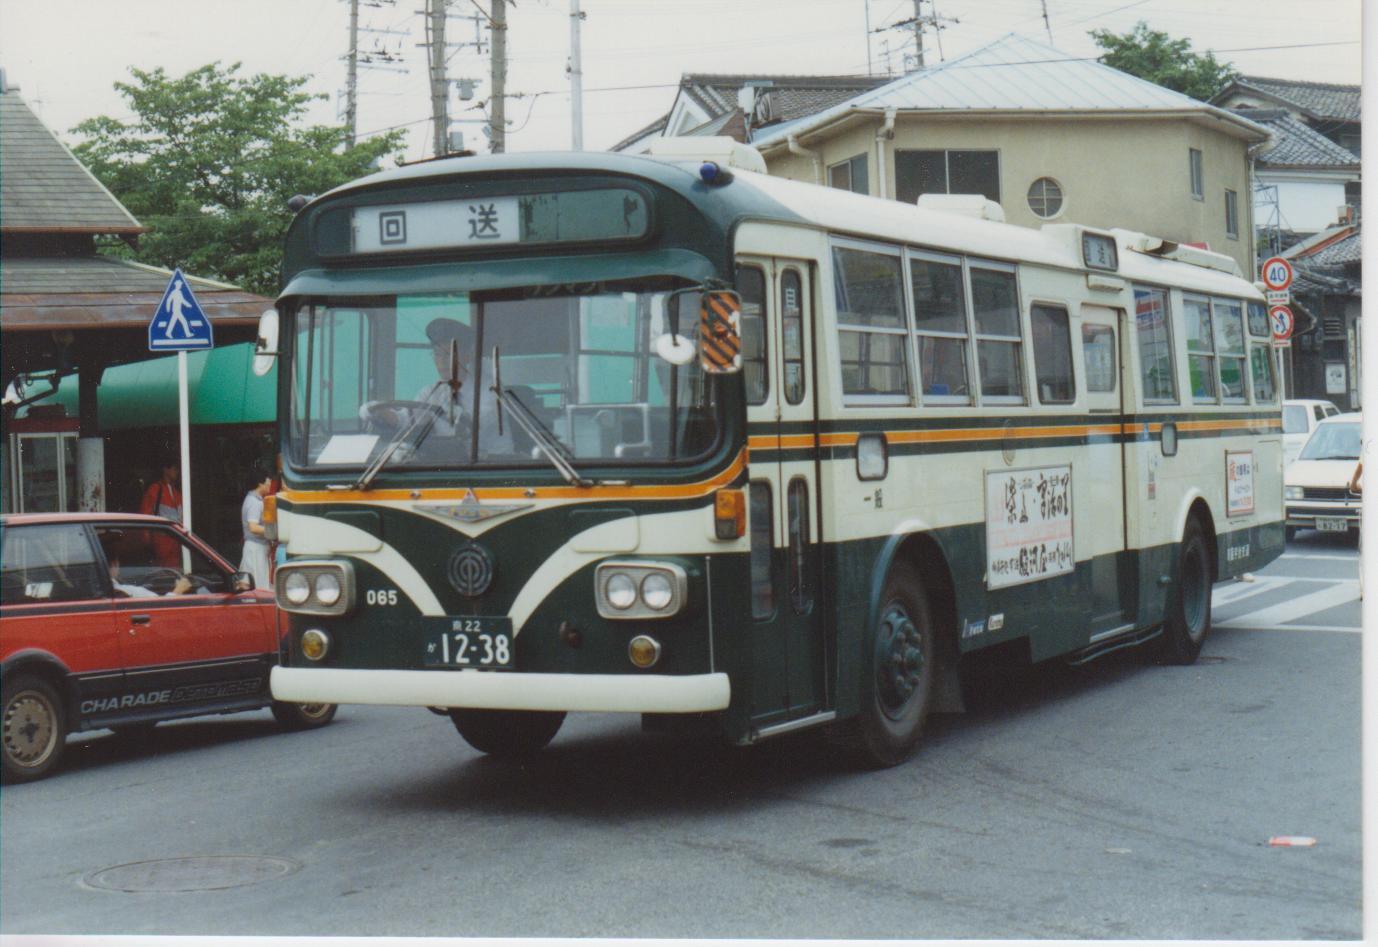 昭和の京阪宇治と宇治交通【さようなら京阪宇治バス・京阪シティバス3】 - 青いバス停